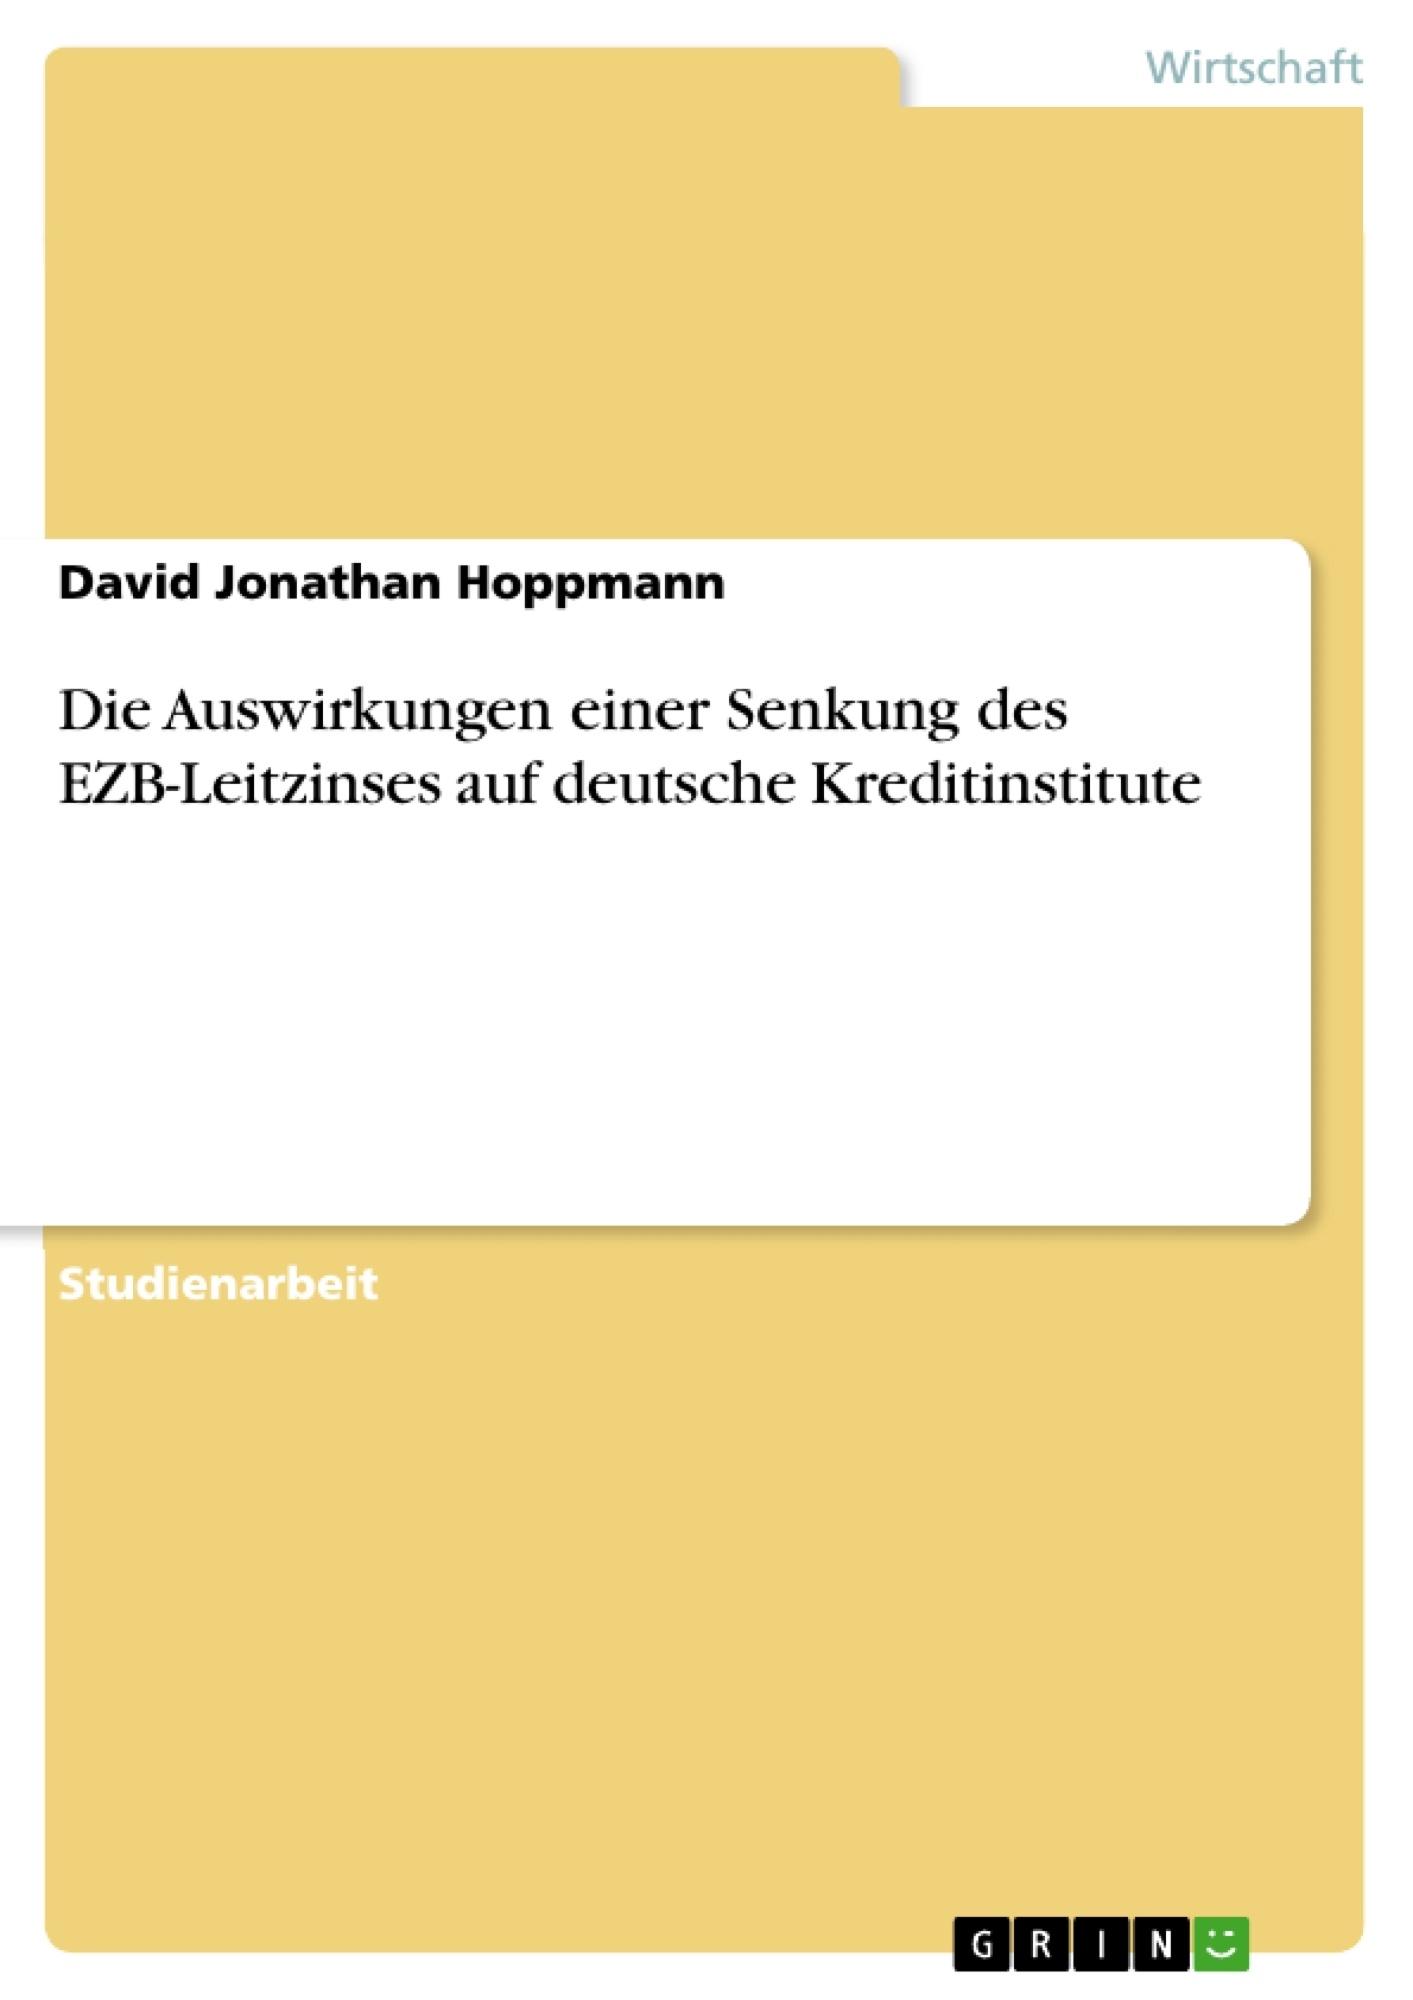 Titel: Die Auswirkungen einer Senkung des EZB-Leitzinses auf deutsche Kreditinstitute